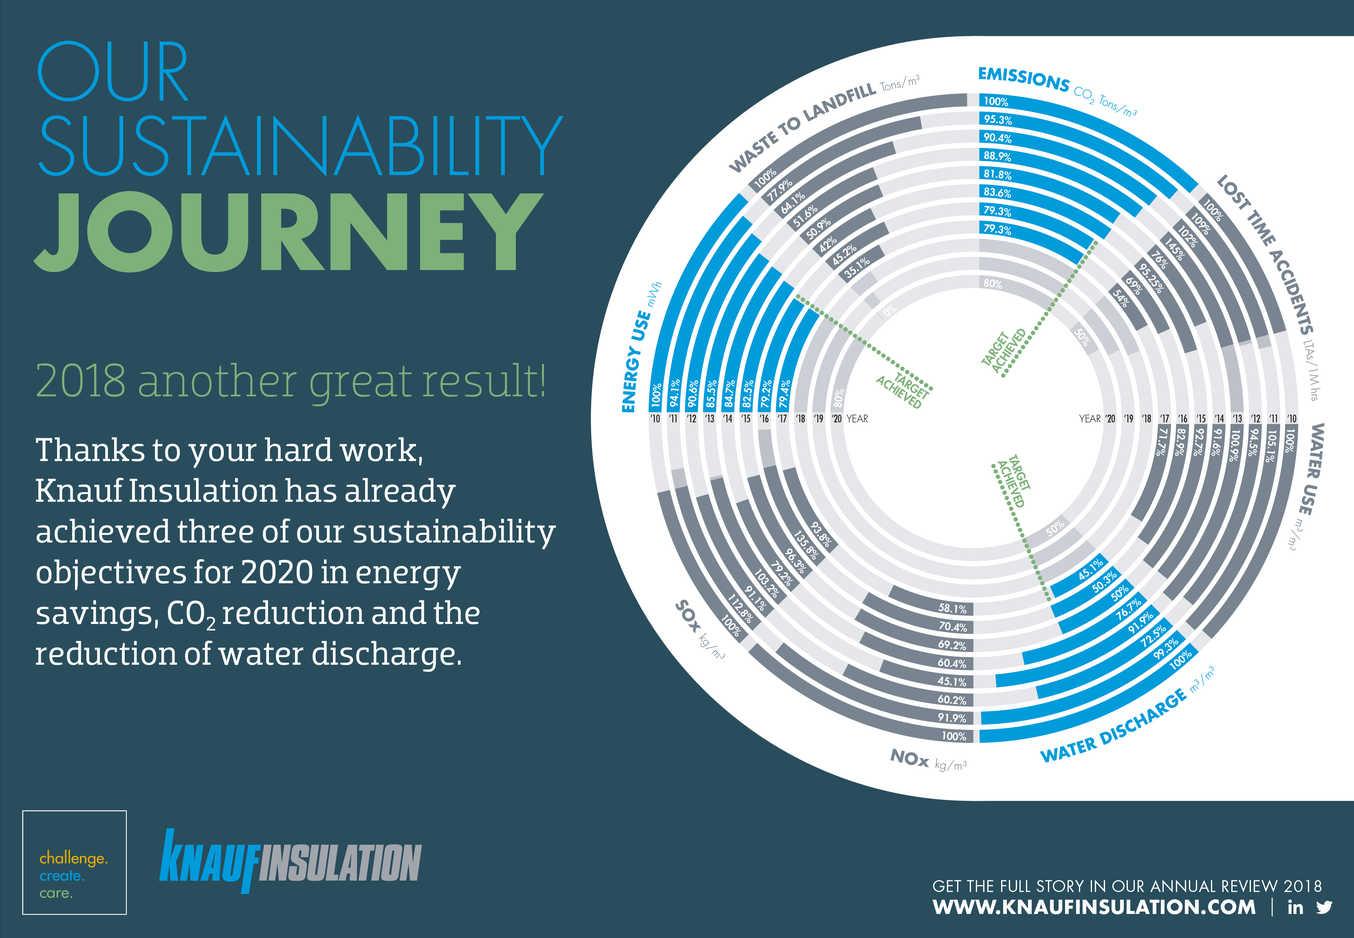 Knauf Insulation alcanza 3 de los 5 objetivos de sostenibilidad para 2020